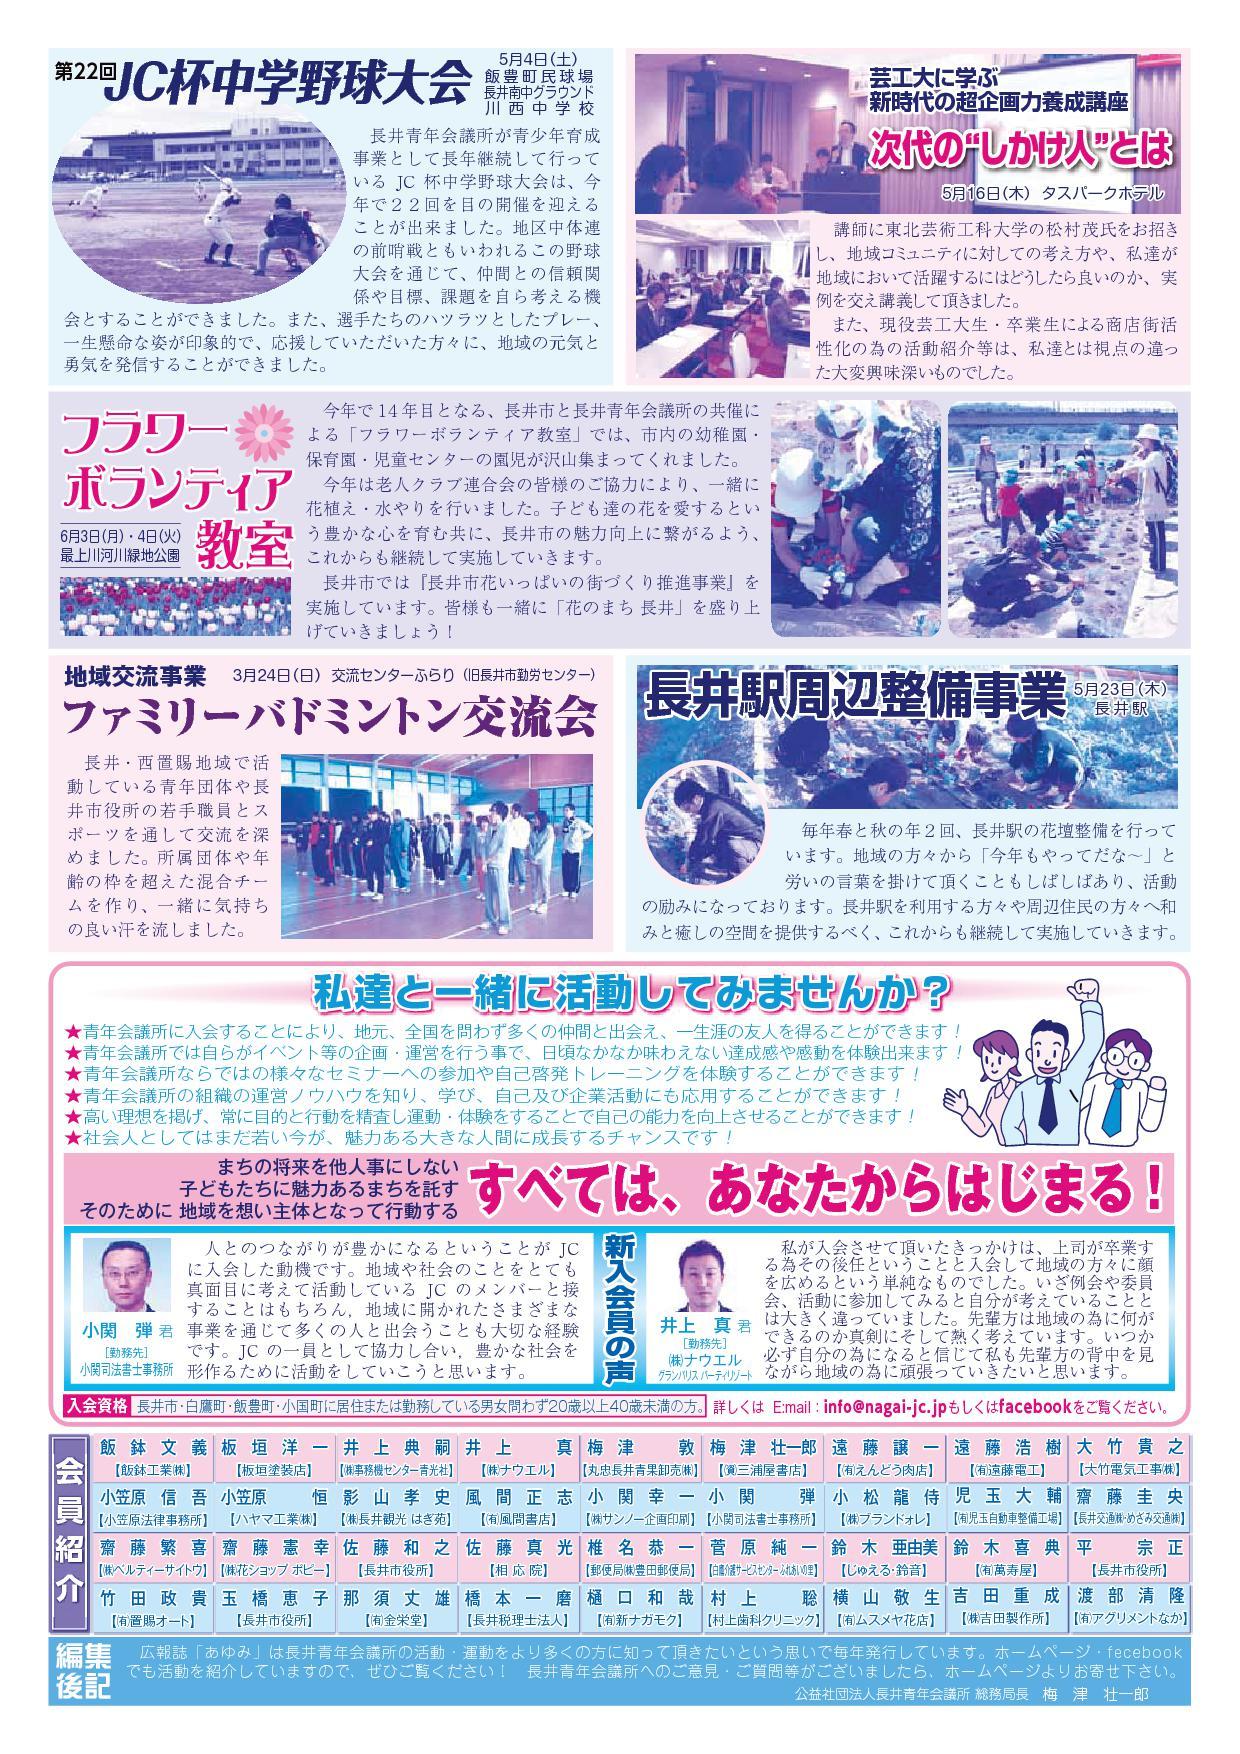 8/25(日) 【広報誌あゆみ】 裏面:画像